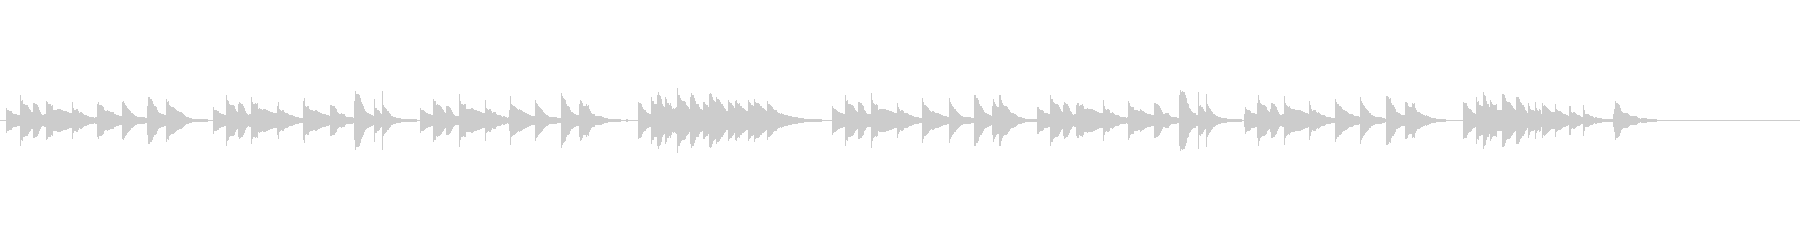 古びたオルゴール④の未再生の波形